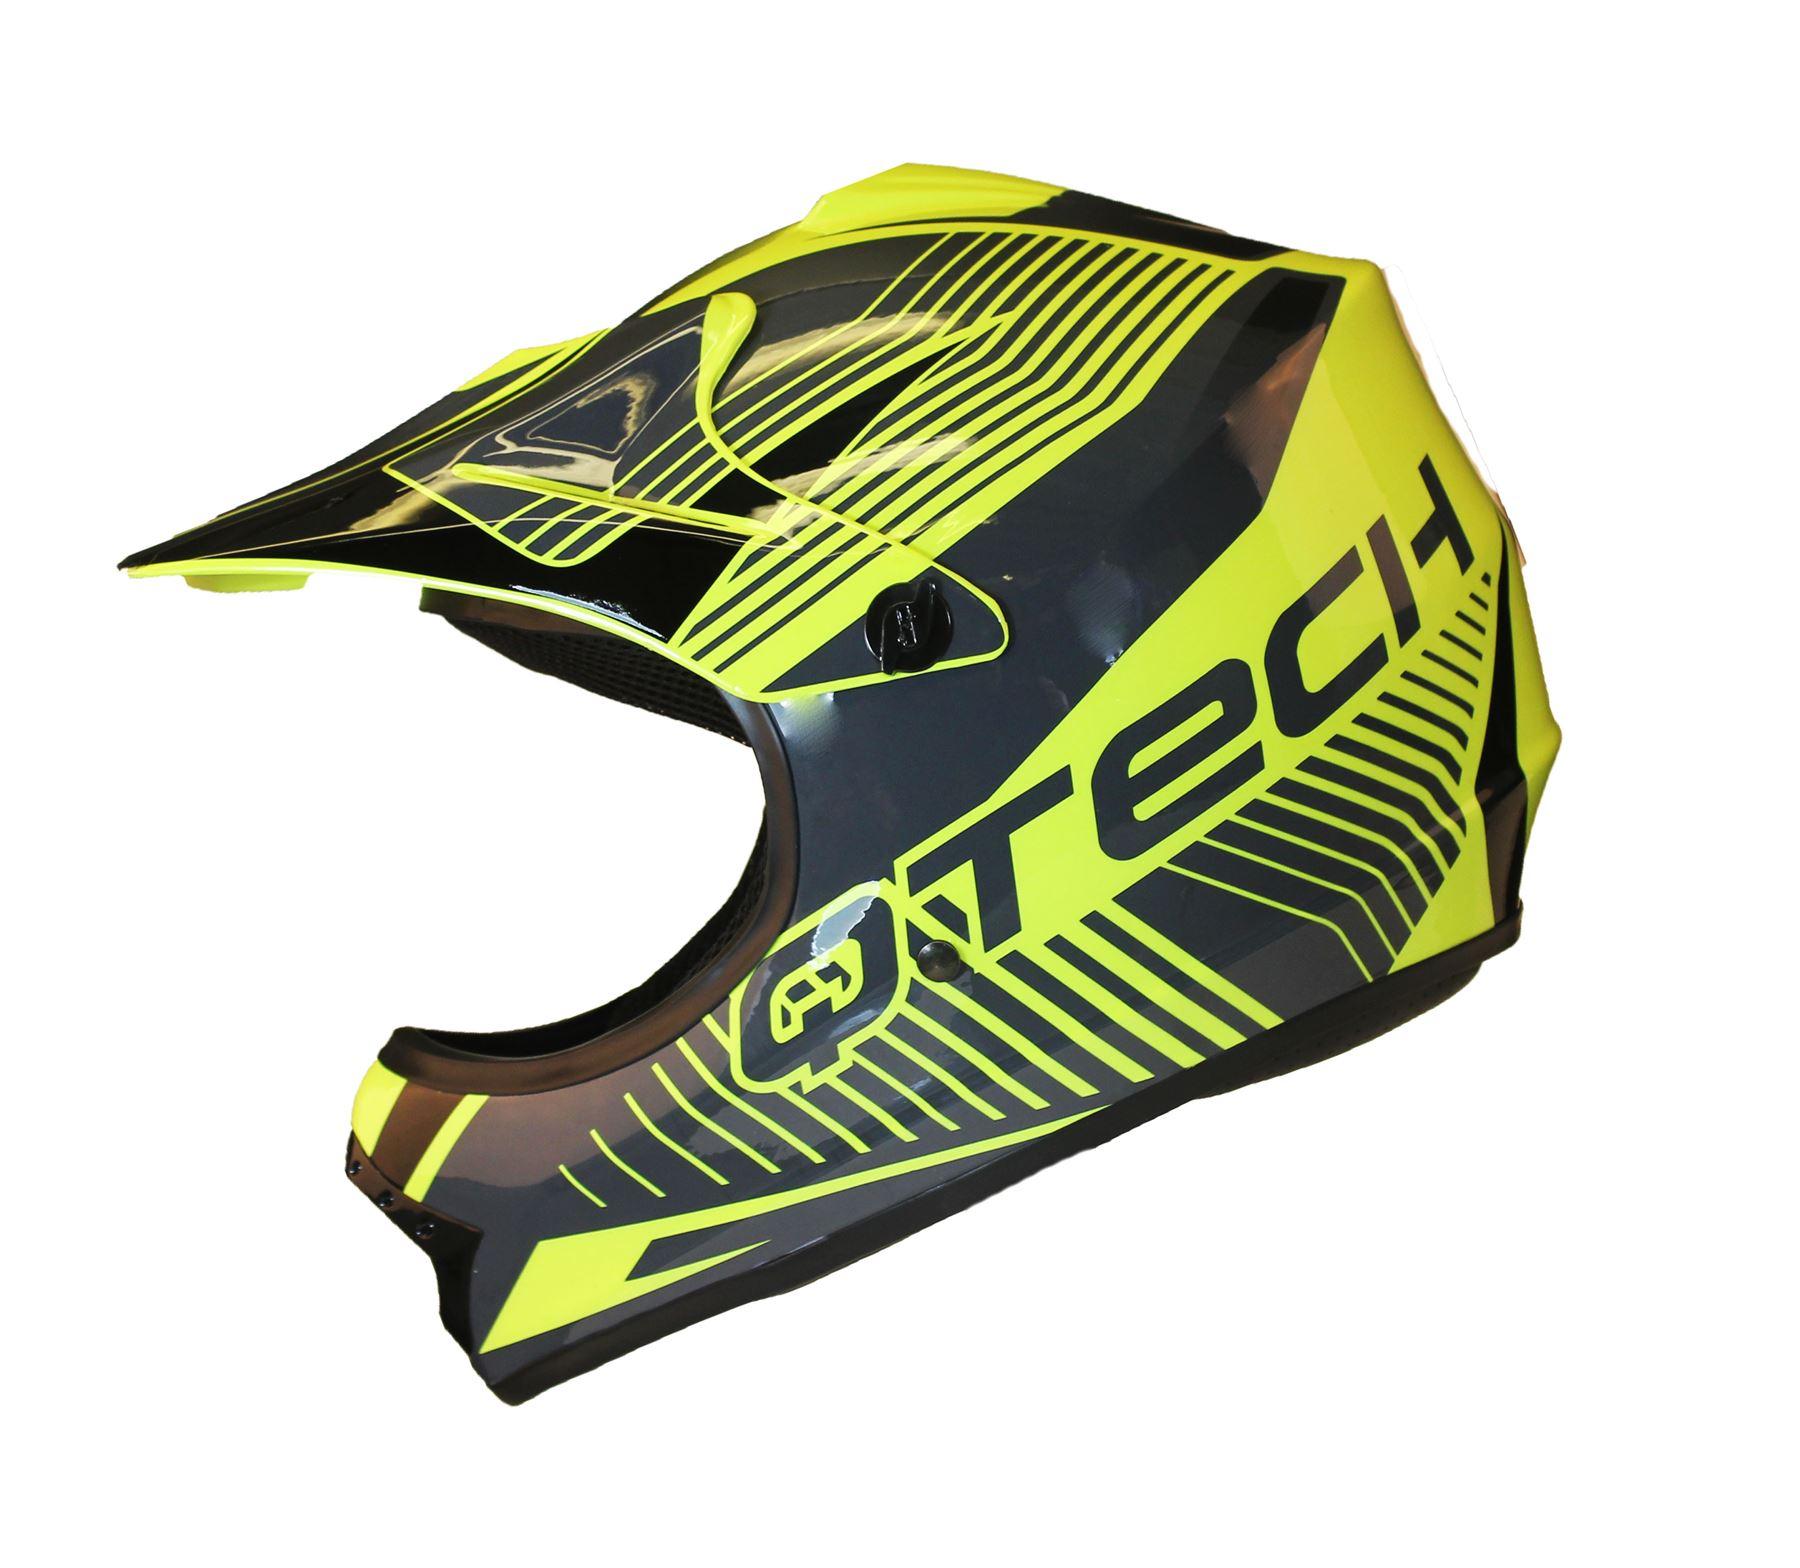 CASQUE-de-MOTO-pour-ENFANT-Motocross-cross-off-road-NOIR-MAT-ATV-Quad